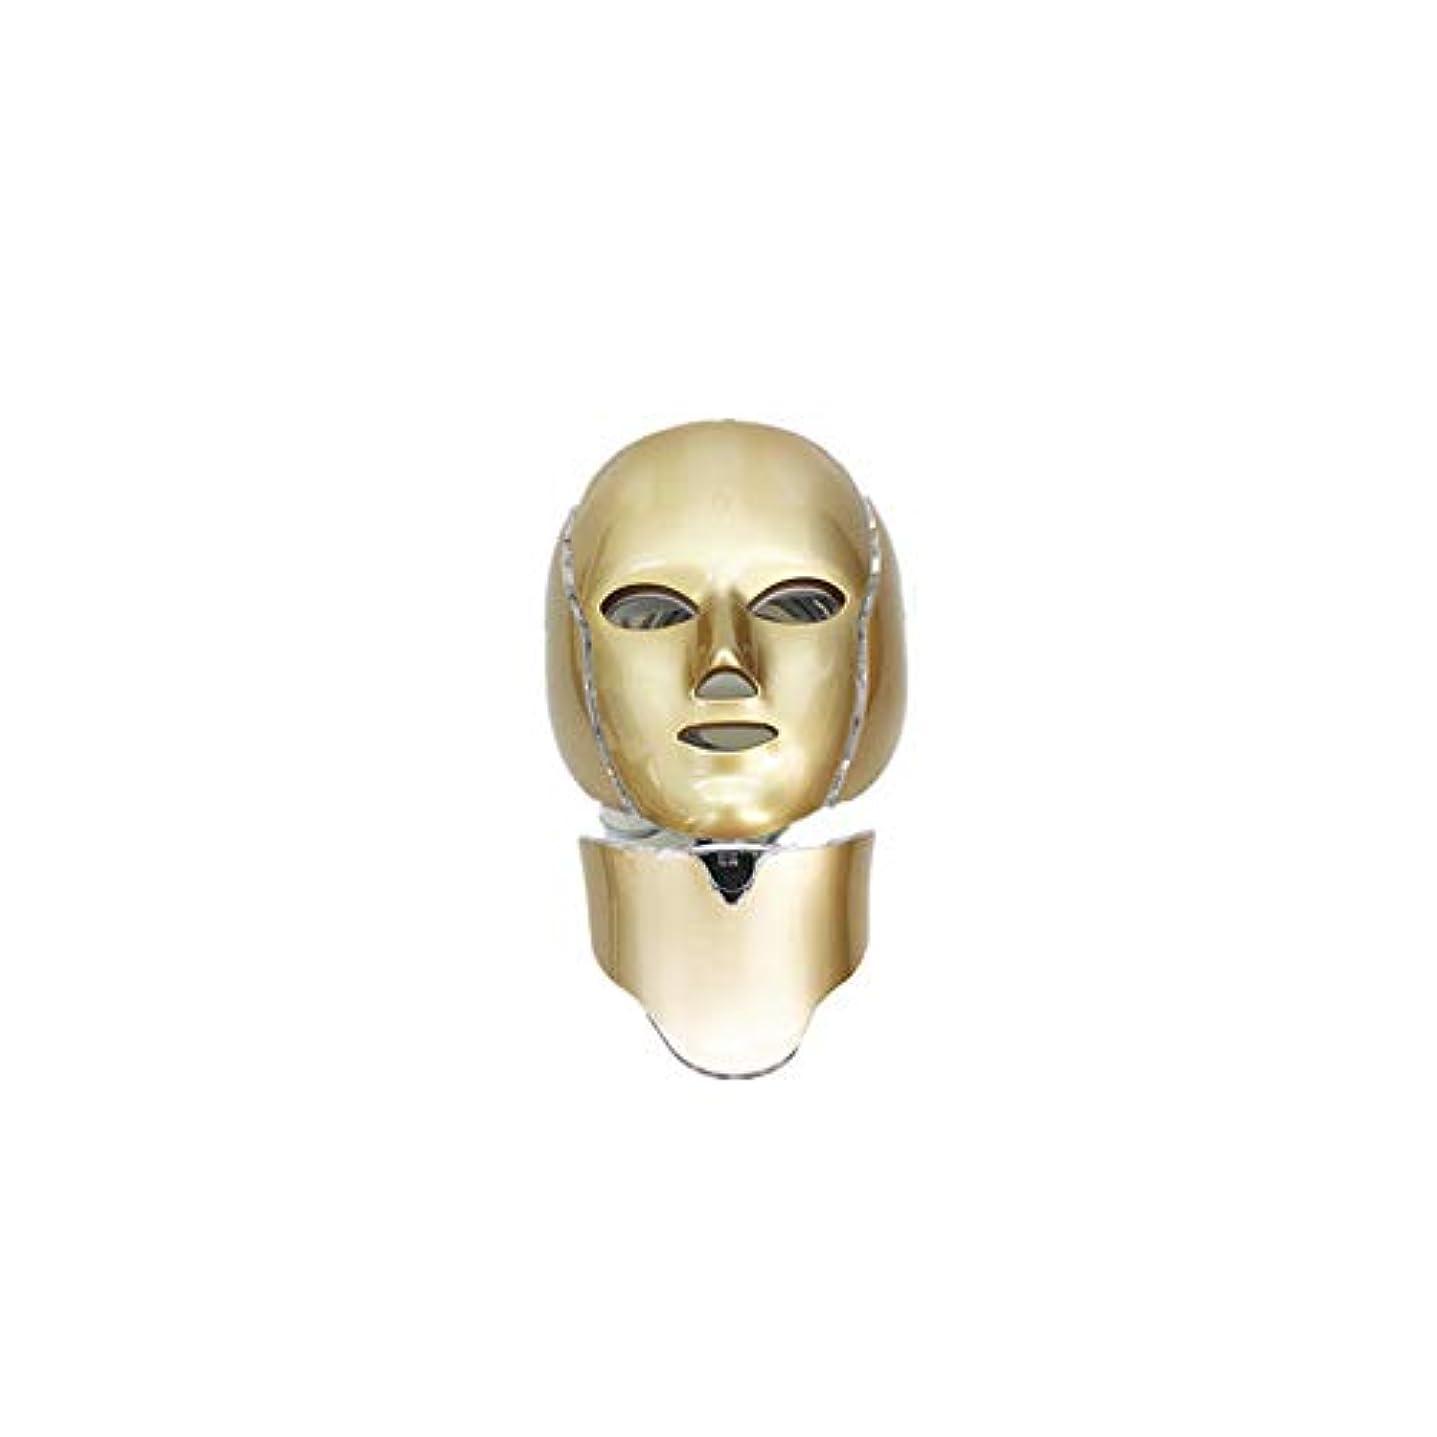 ガイダンス繁雑文字Onepeak 美肌若返りマイクロ電流マスク楽器ネックネックマスク7色フォトニックニキビ美肌ホーム